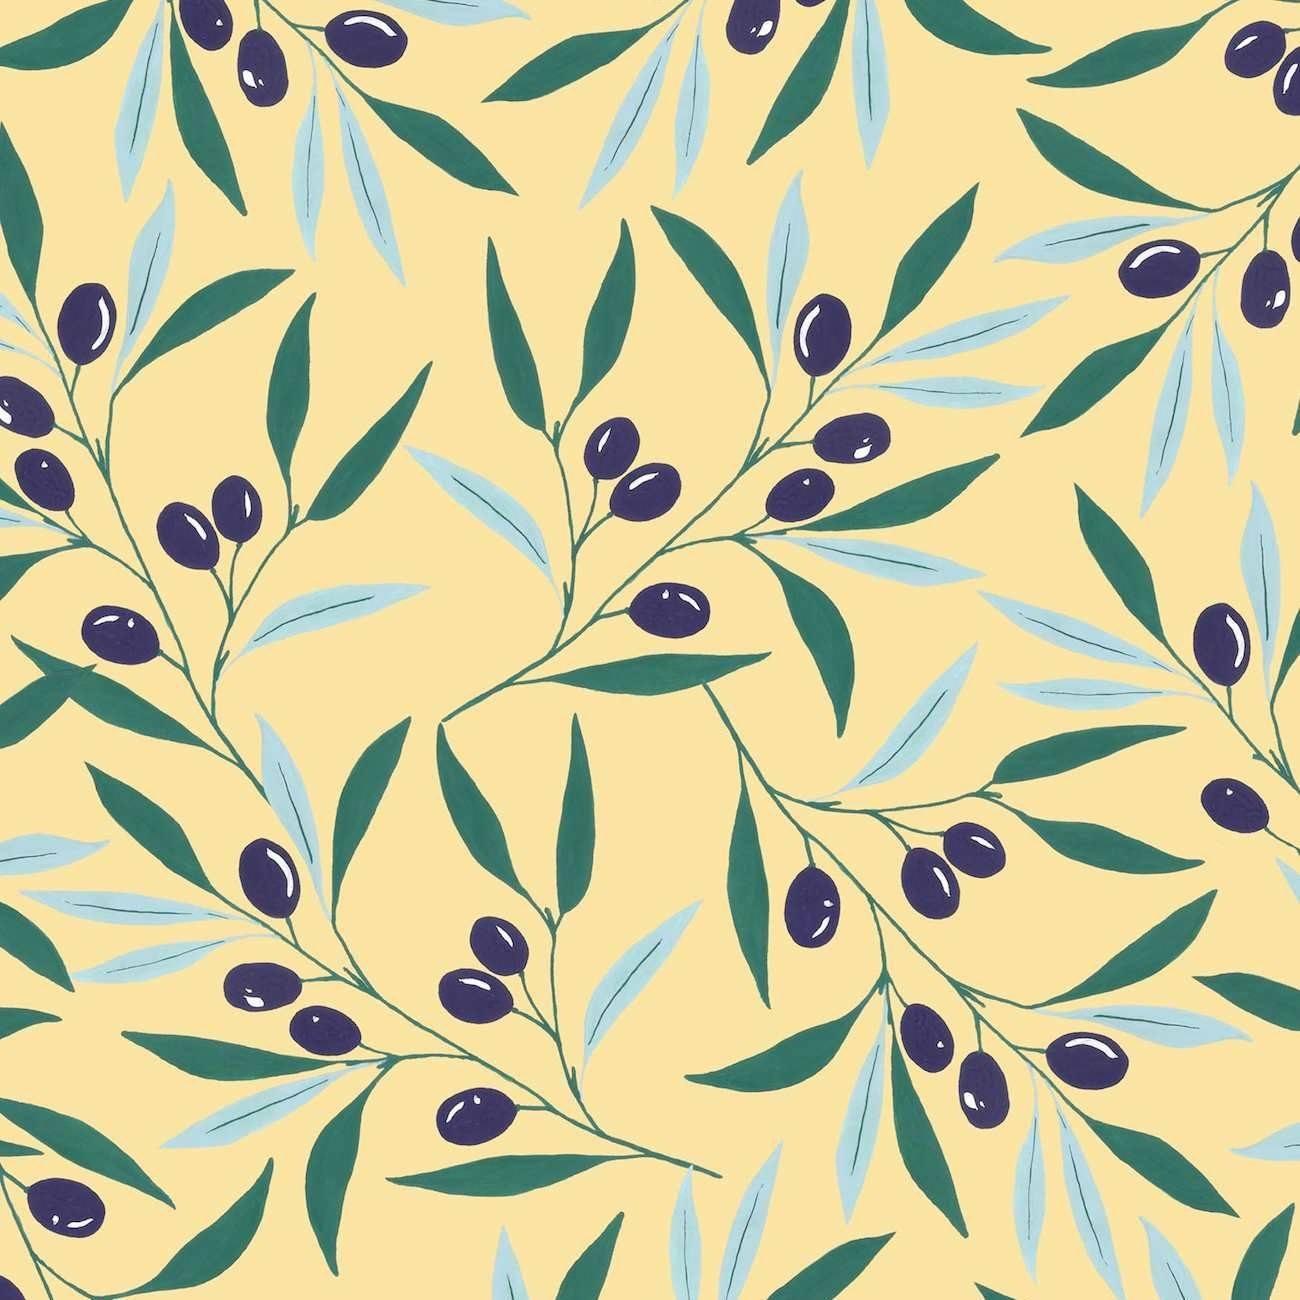 zb a5 olive pattern.jpg